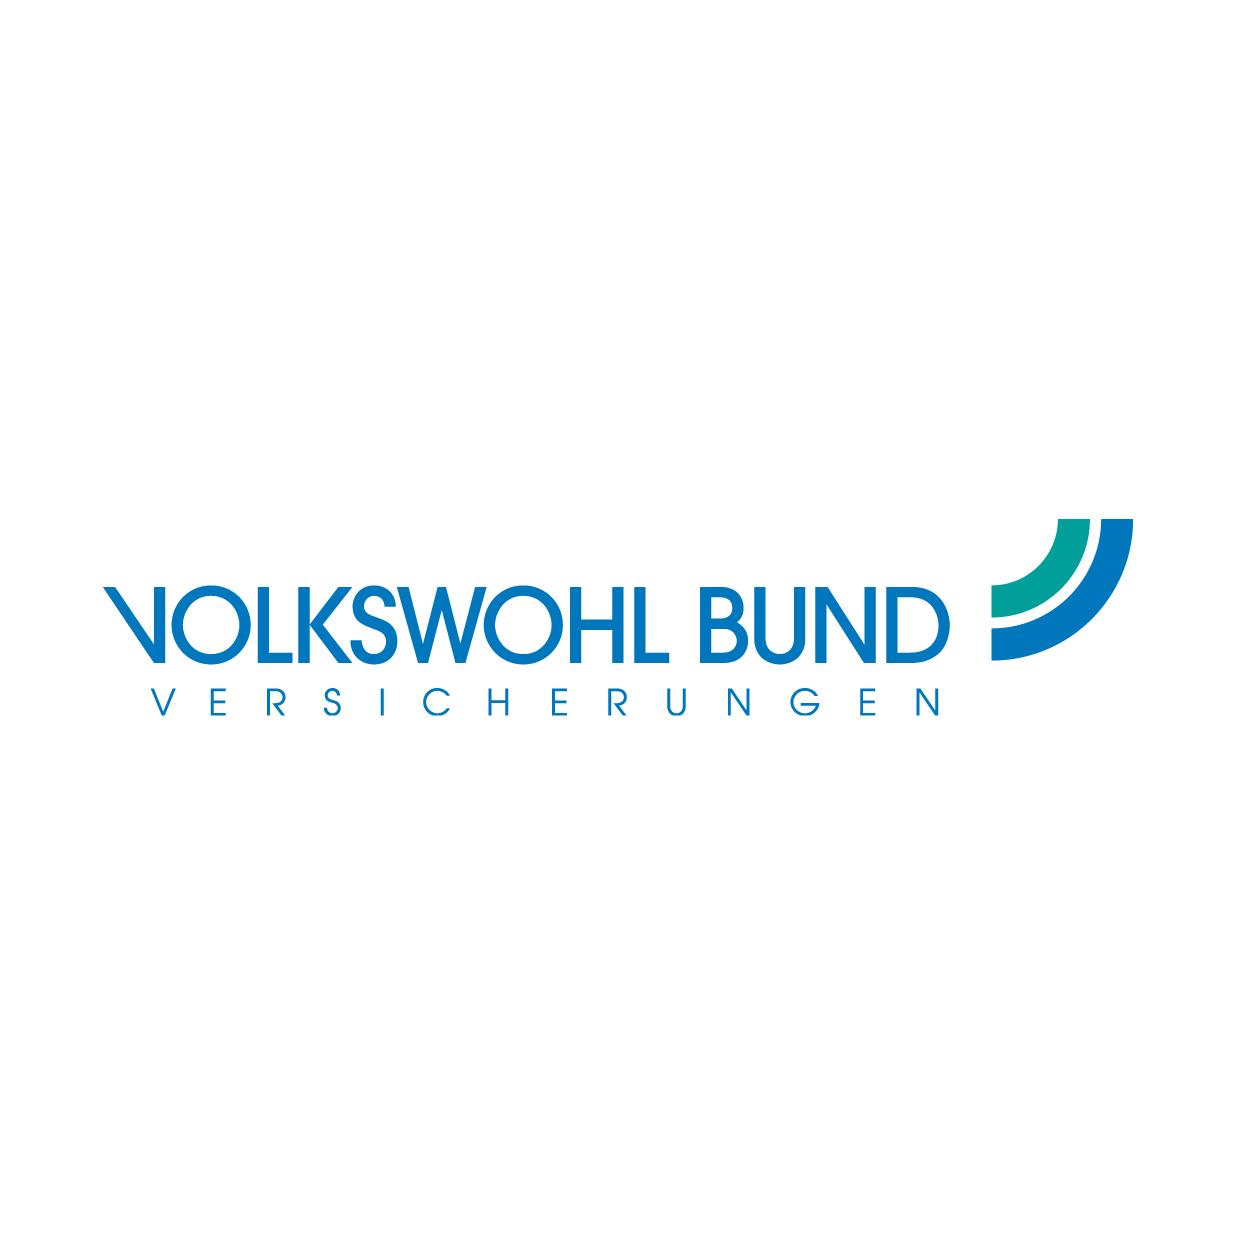 Partnerlogo VOLKSWOHL BUND Versicherungen